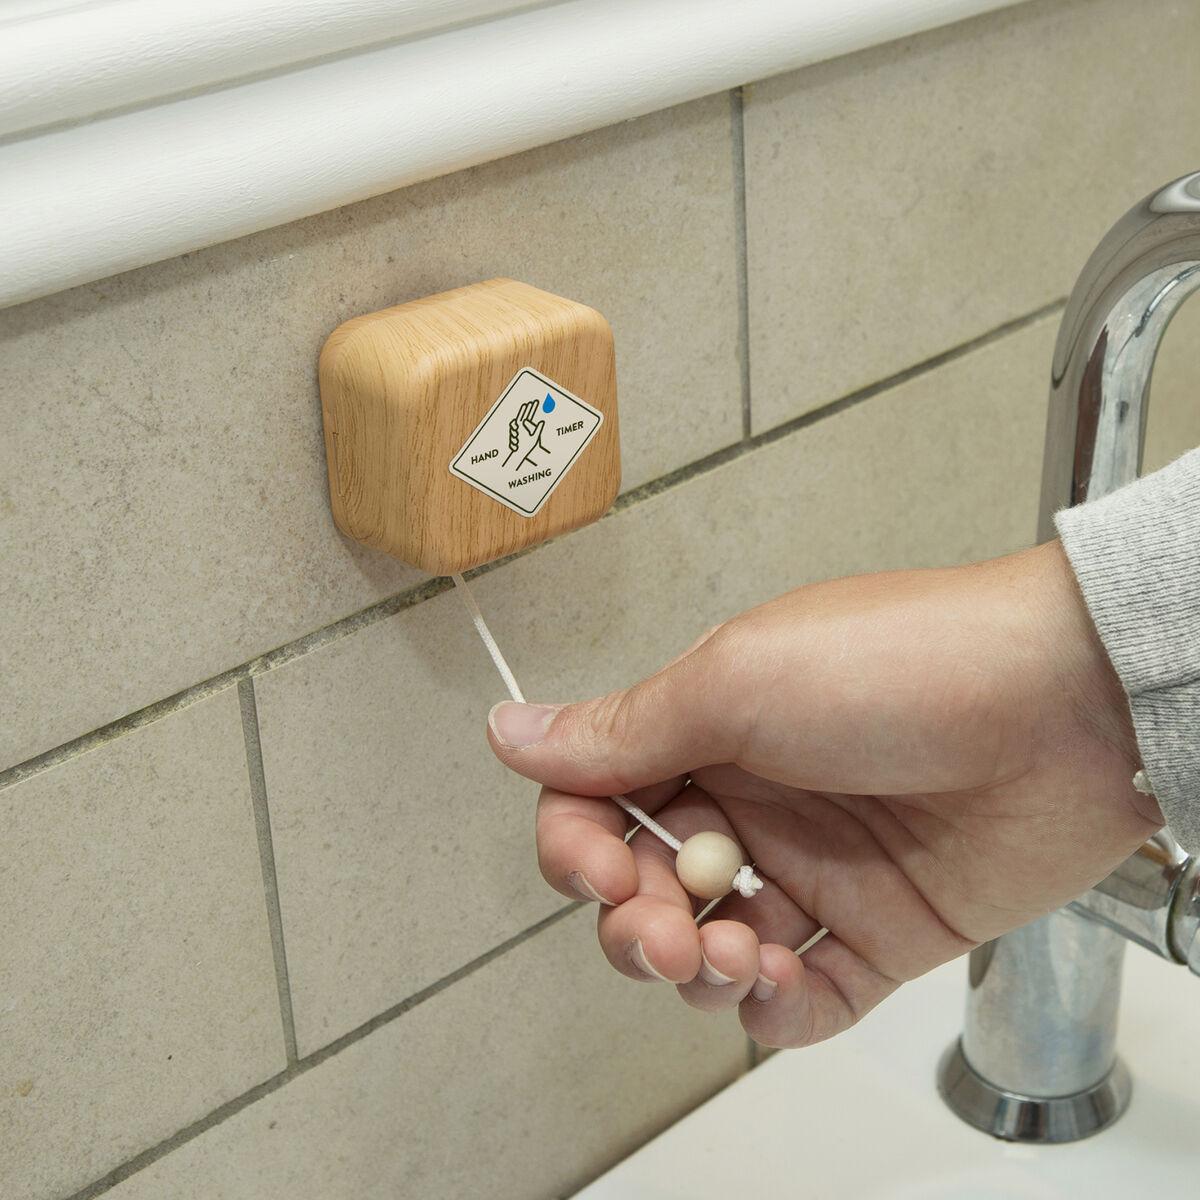 Gift Handwashing timer